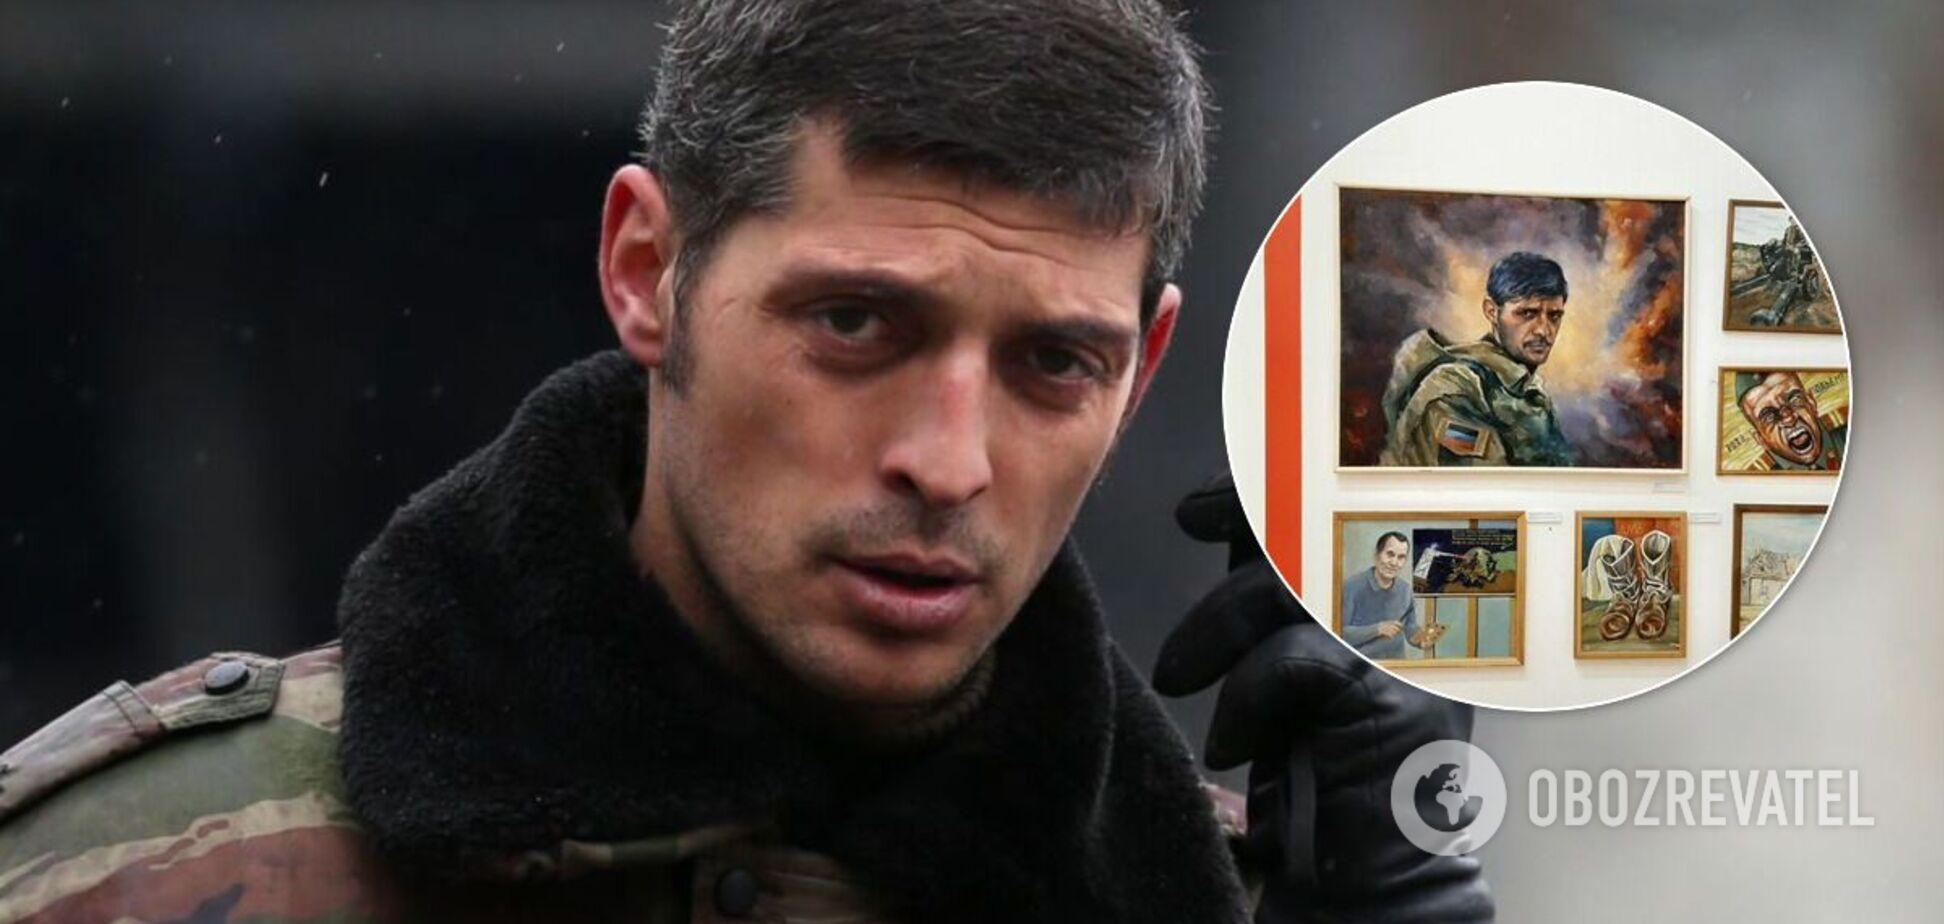 Портрет 'Гіві' розмістили біля міністра оборони РФ